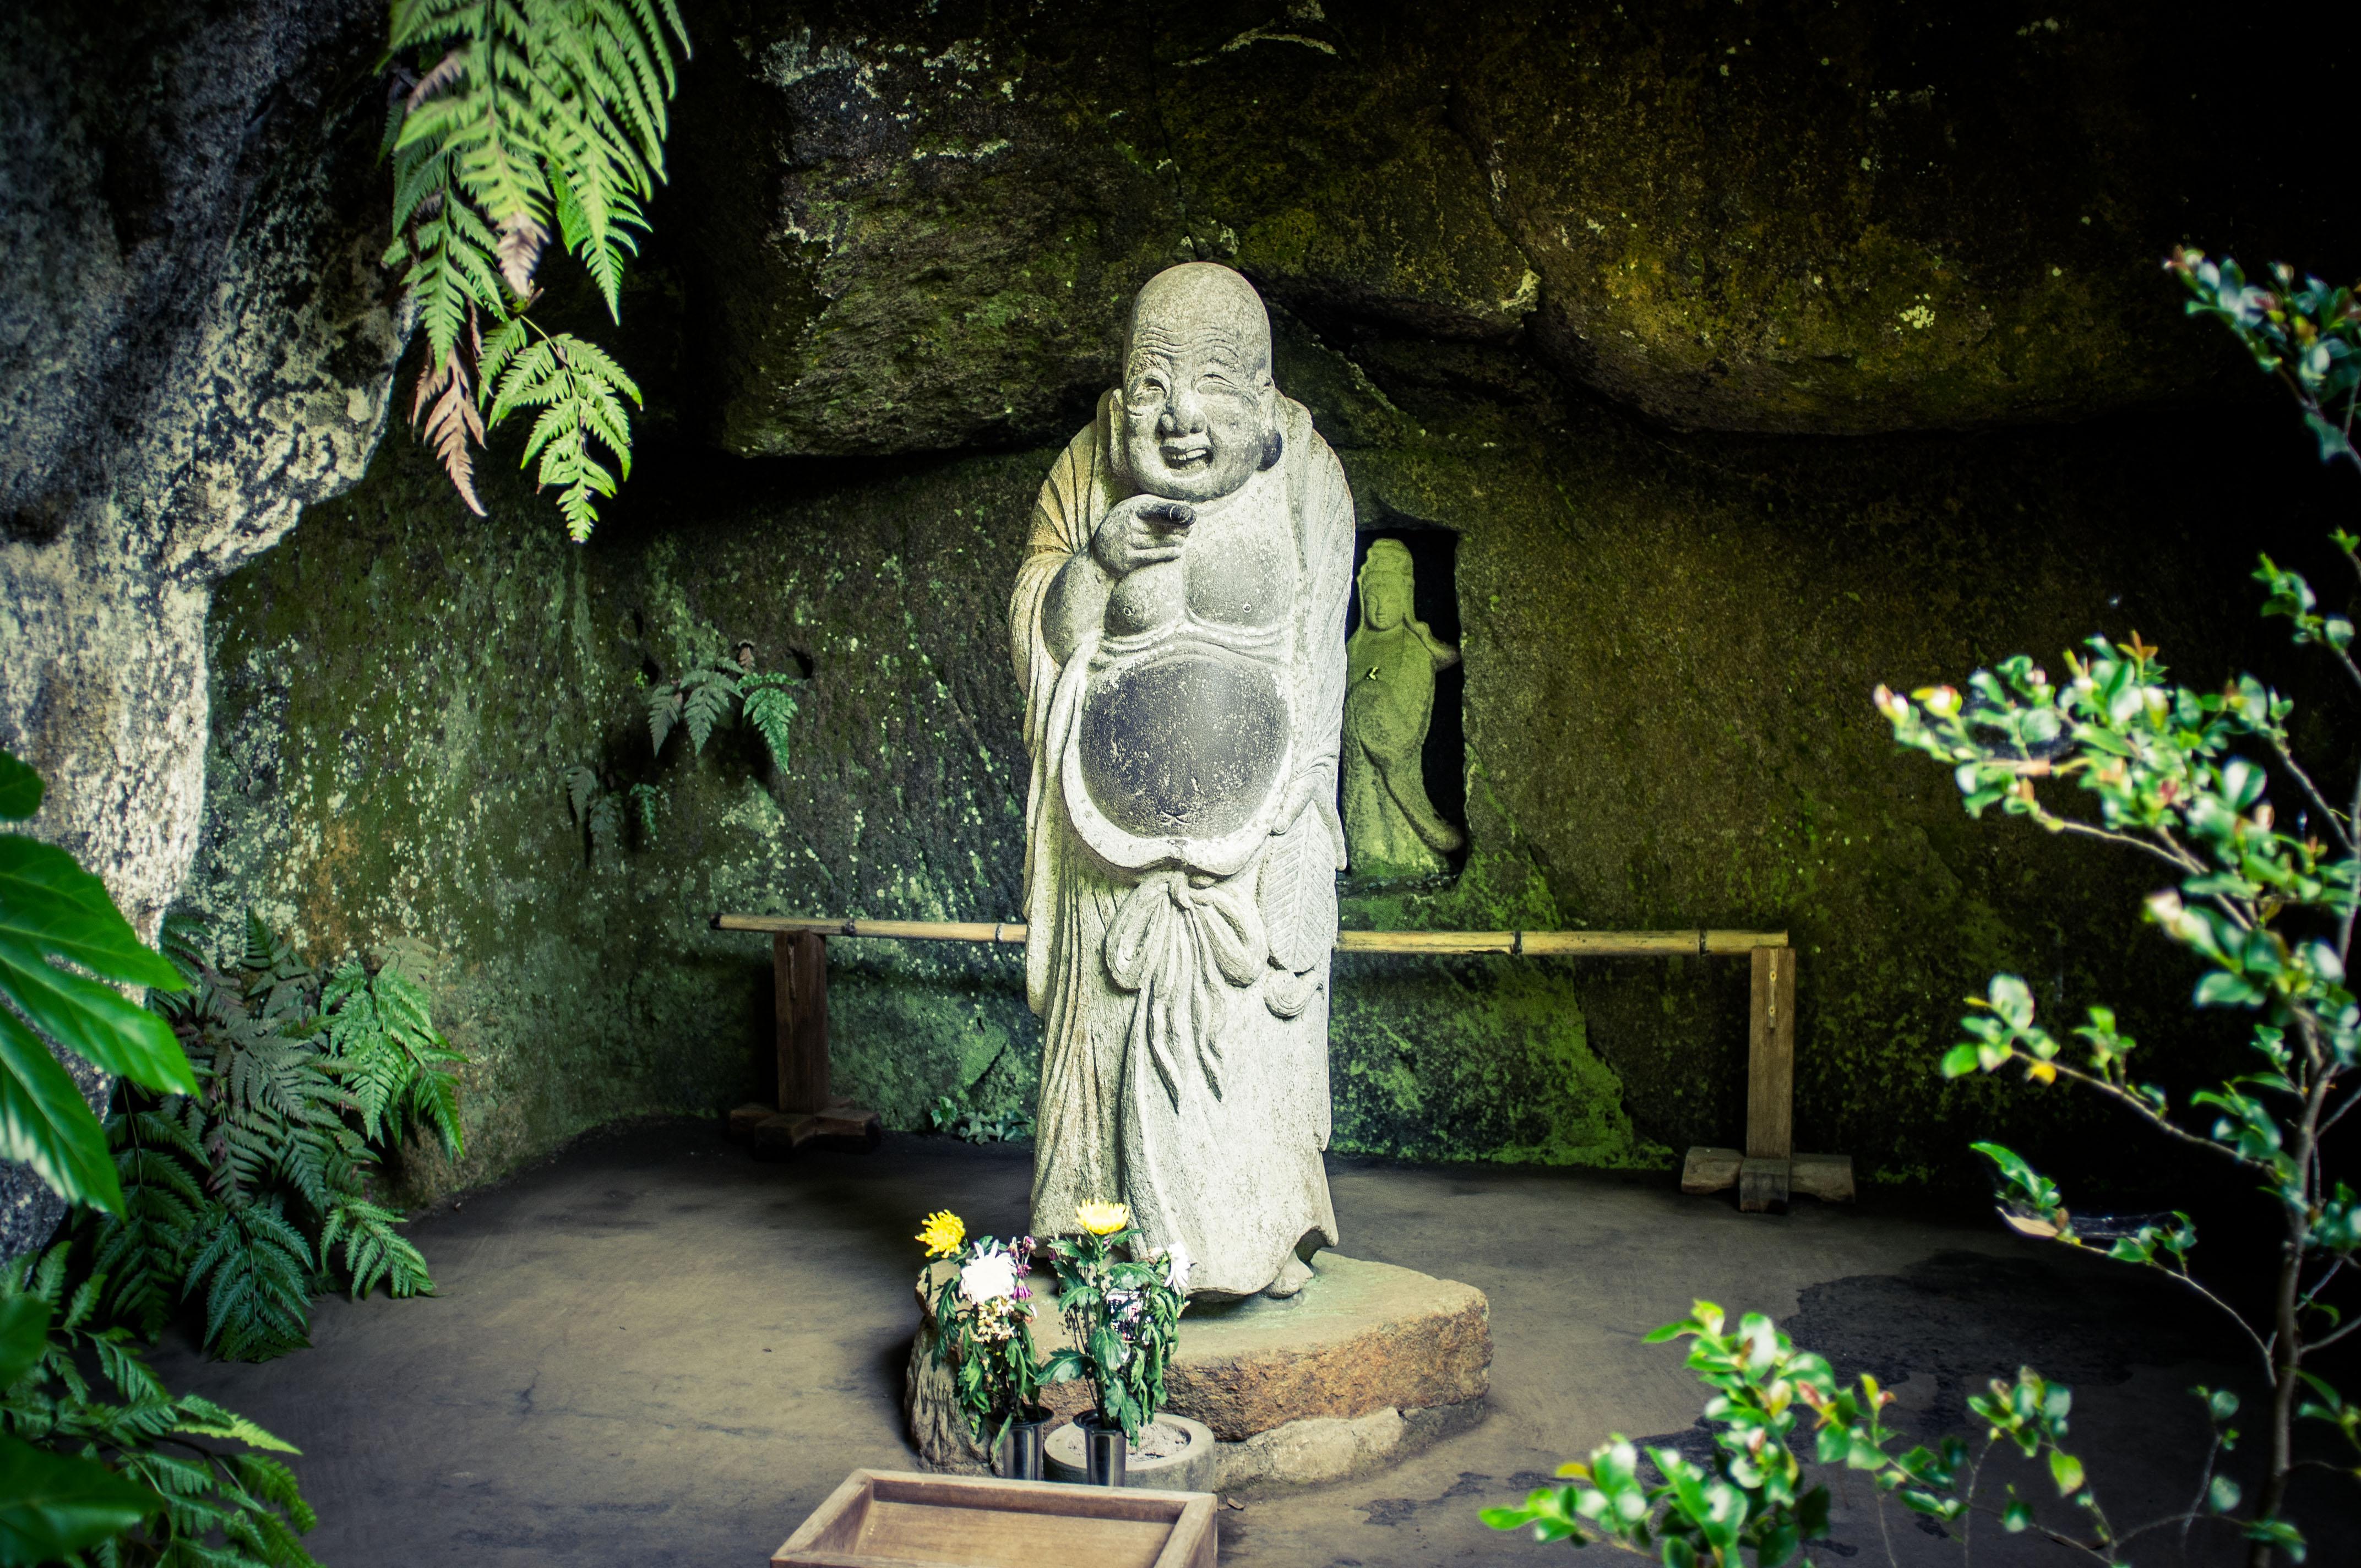 Como se vive la navidad en Japón, Nueva Zelanda... Las costumbres más raras de otras culturas.